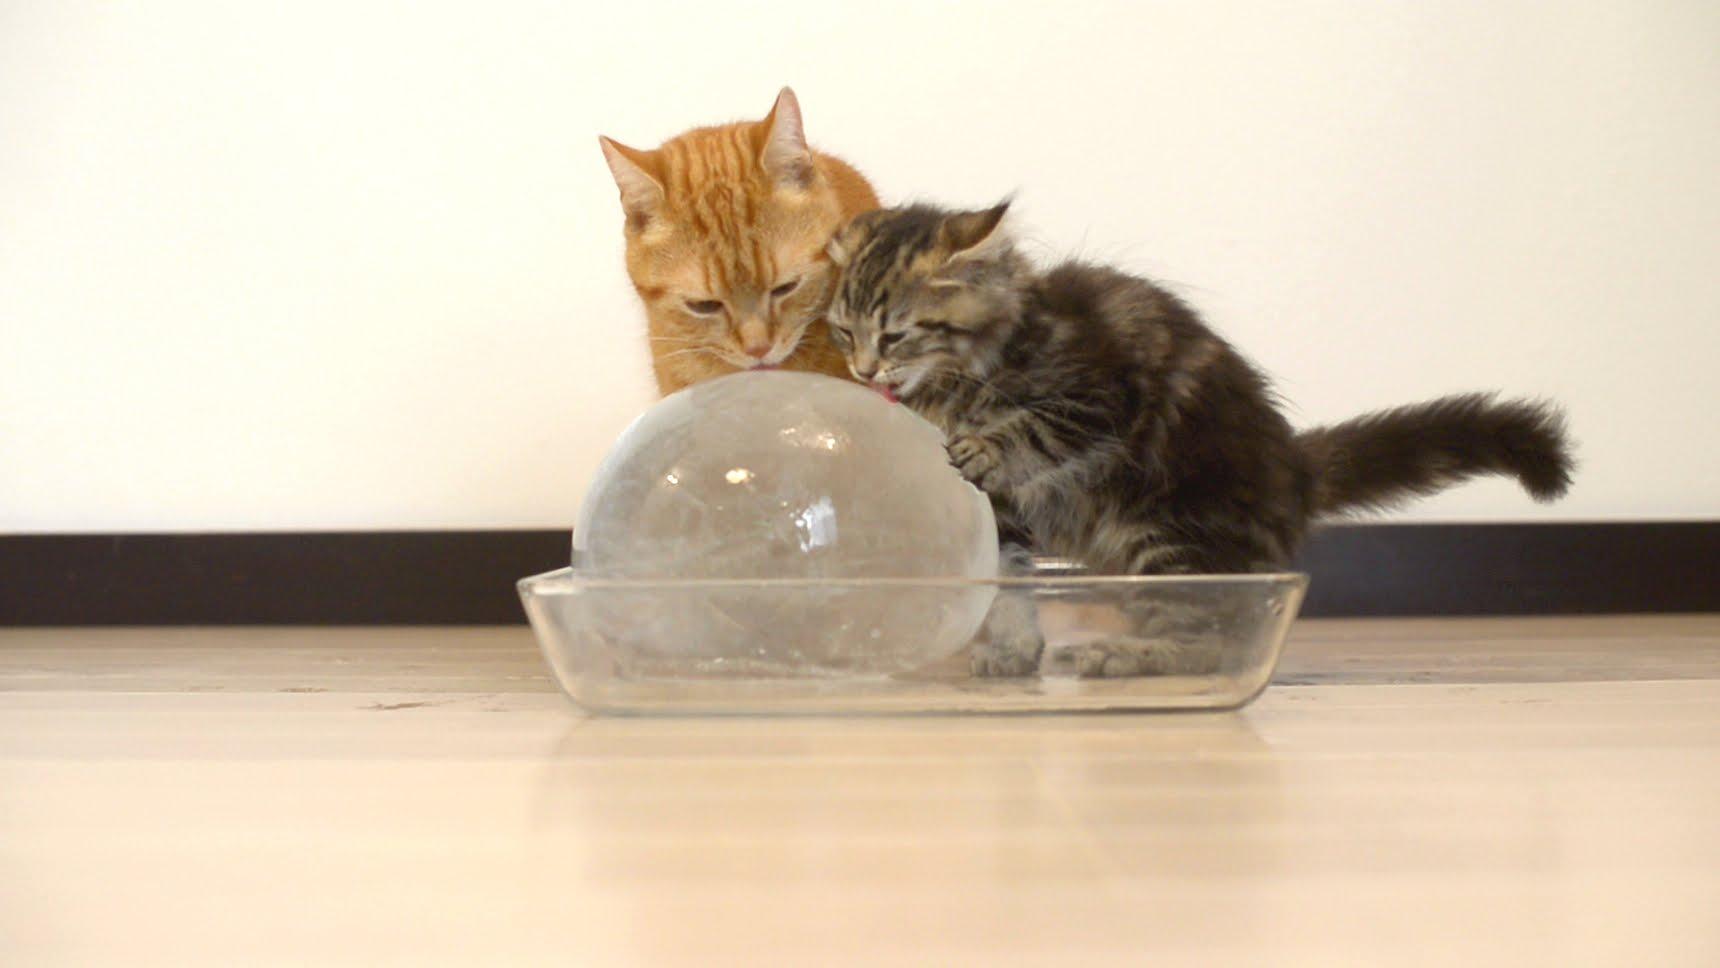 Itt a legjobb módszer, amivel a macskád túlélheti a kánikulát